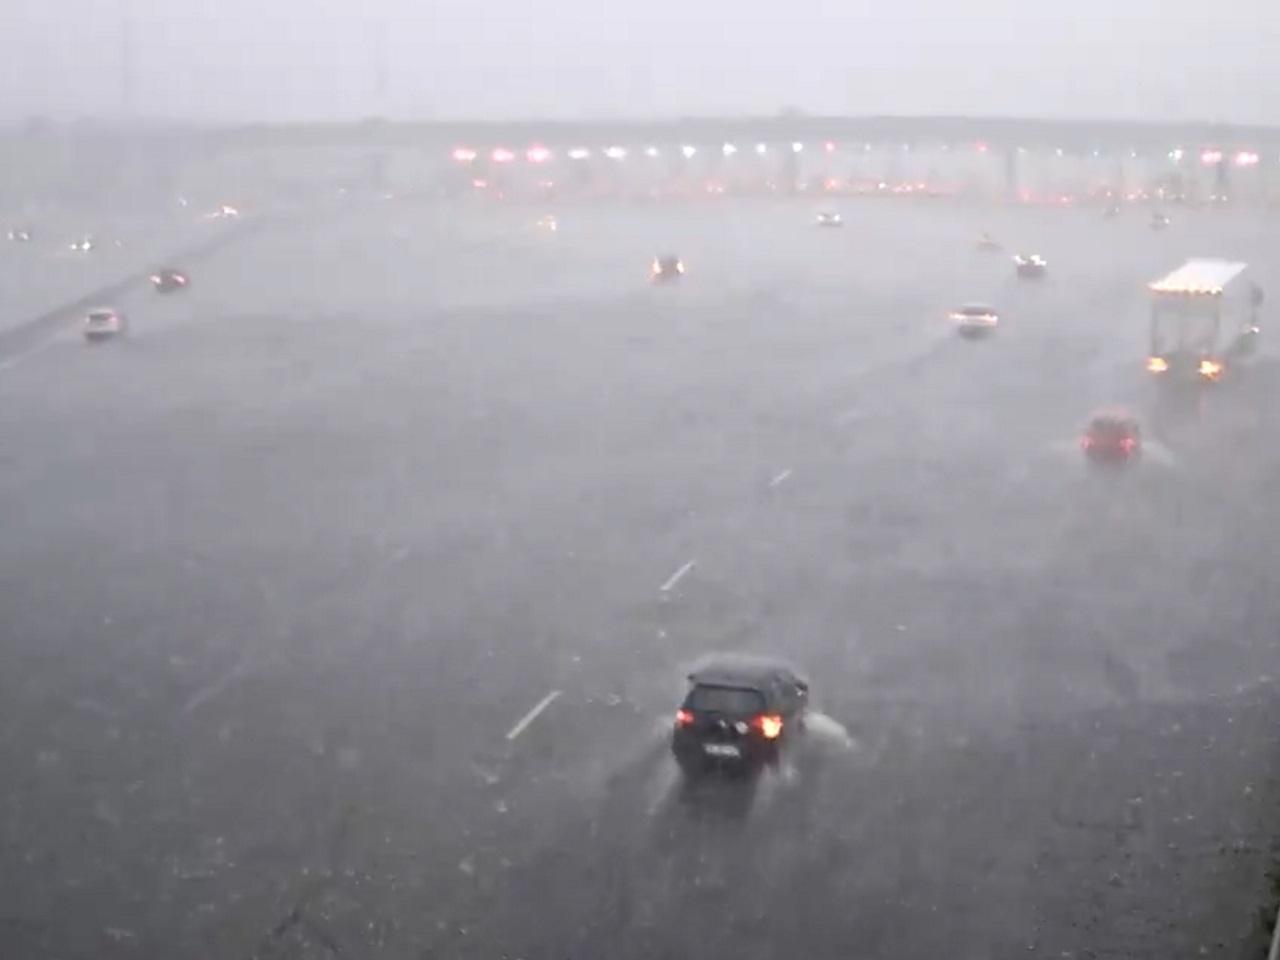 Orage de grêle : les voitures face à la tempête dans une